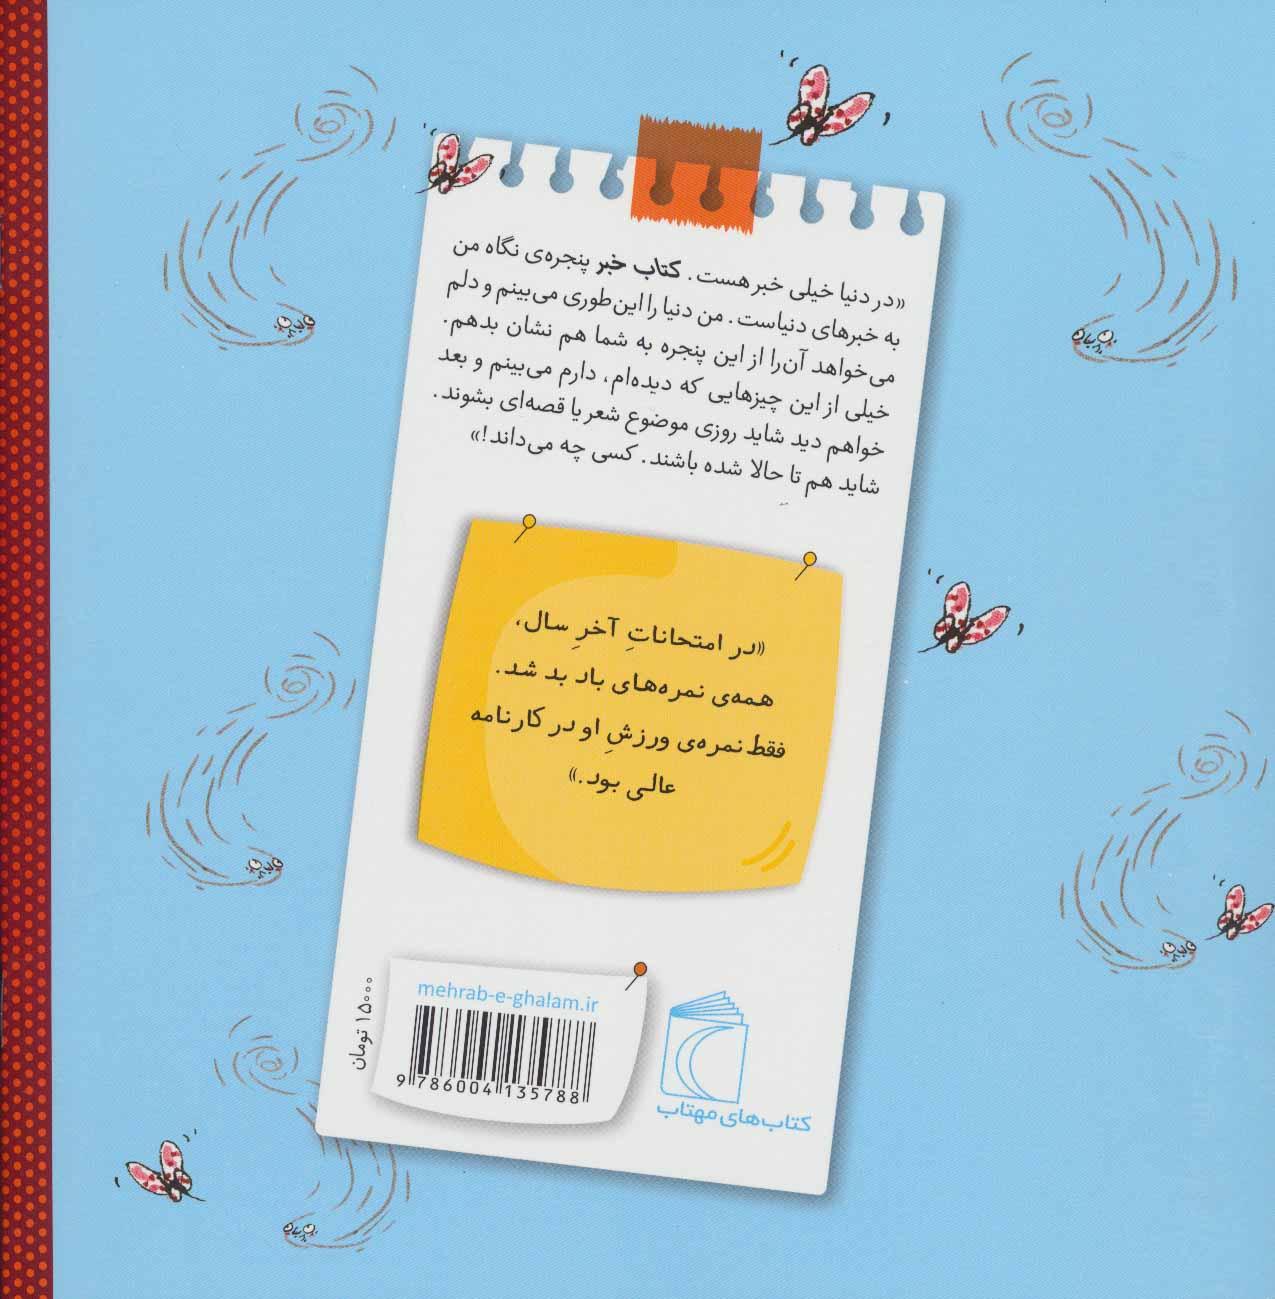 کتاب خبر 6 (نمره های بد باد)